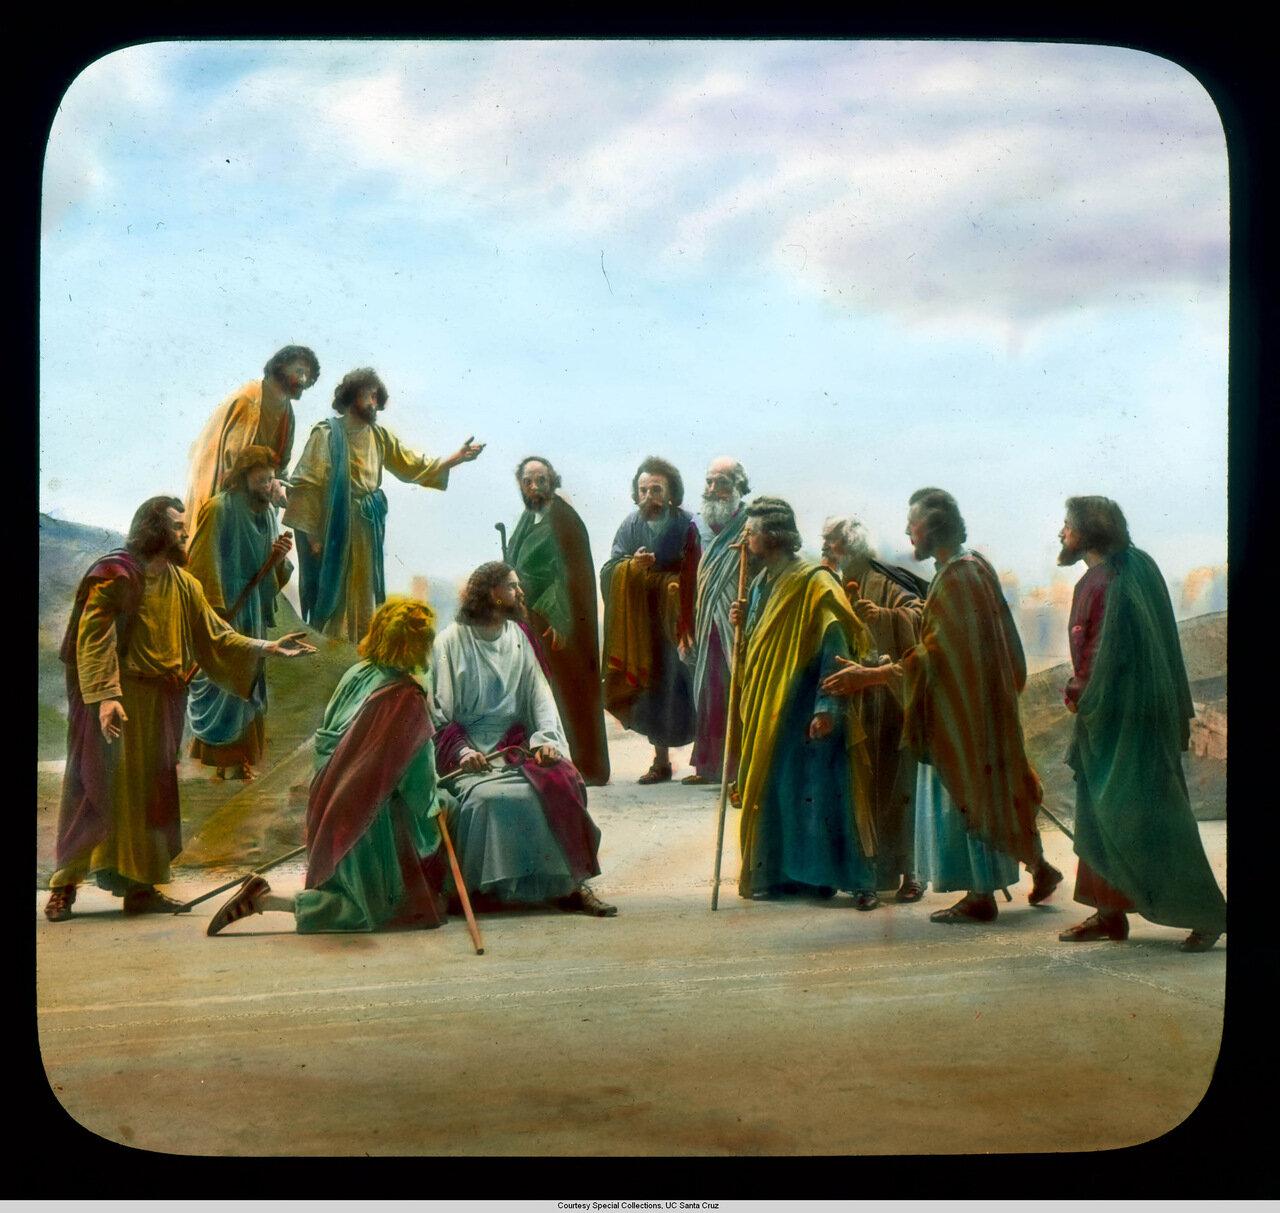 Обераммергау. Страсти Христовы. Иисус с учениками на Масличной горе